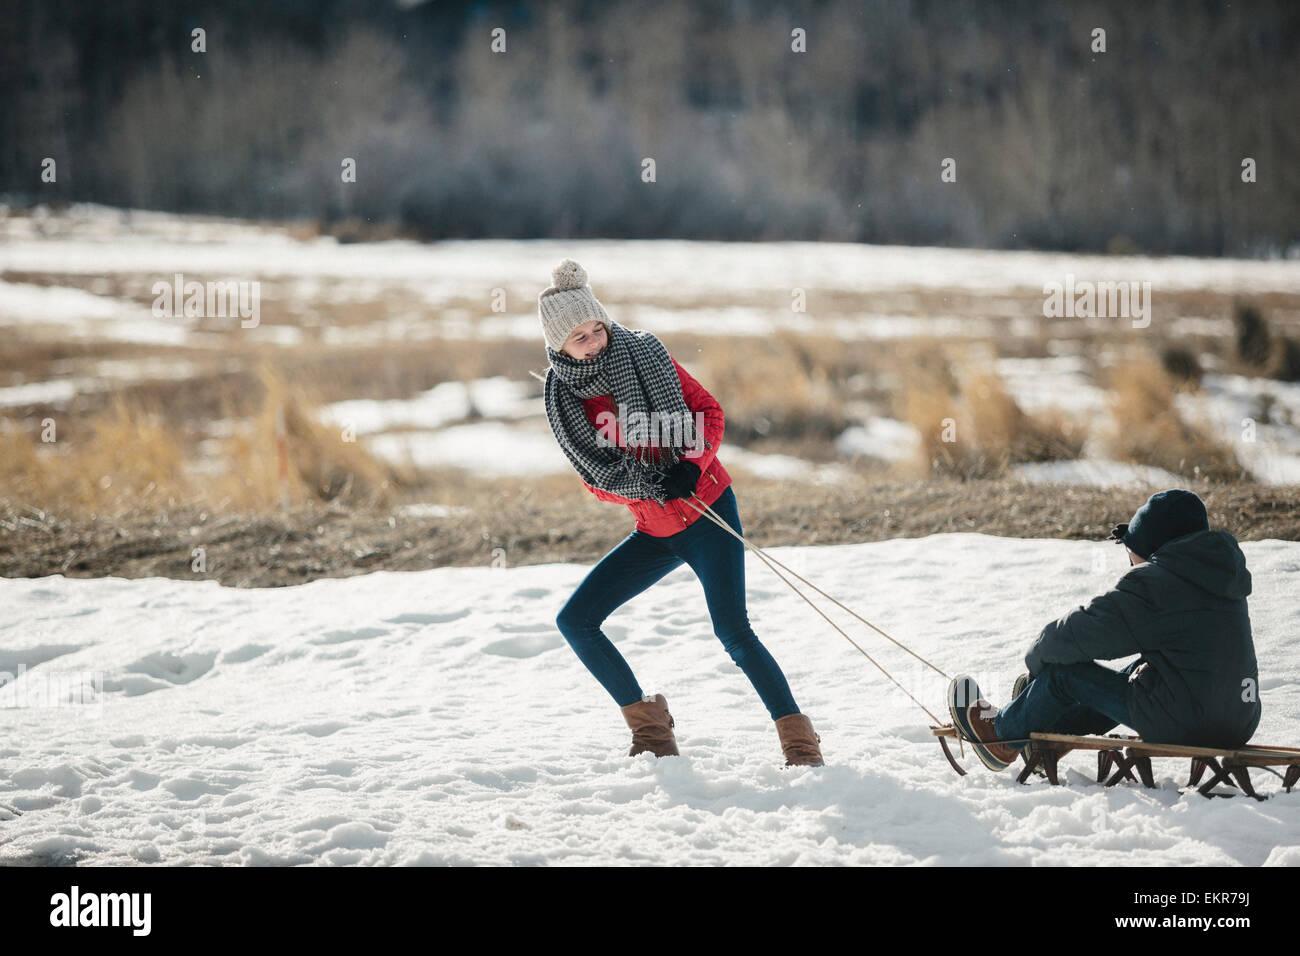 Un hermano y una hermana en la nieve, una tira de la otra en un trineo. Imagen De Stock